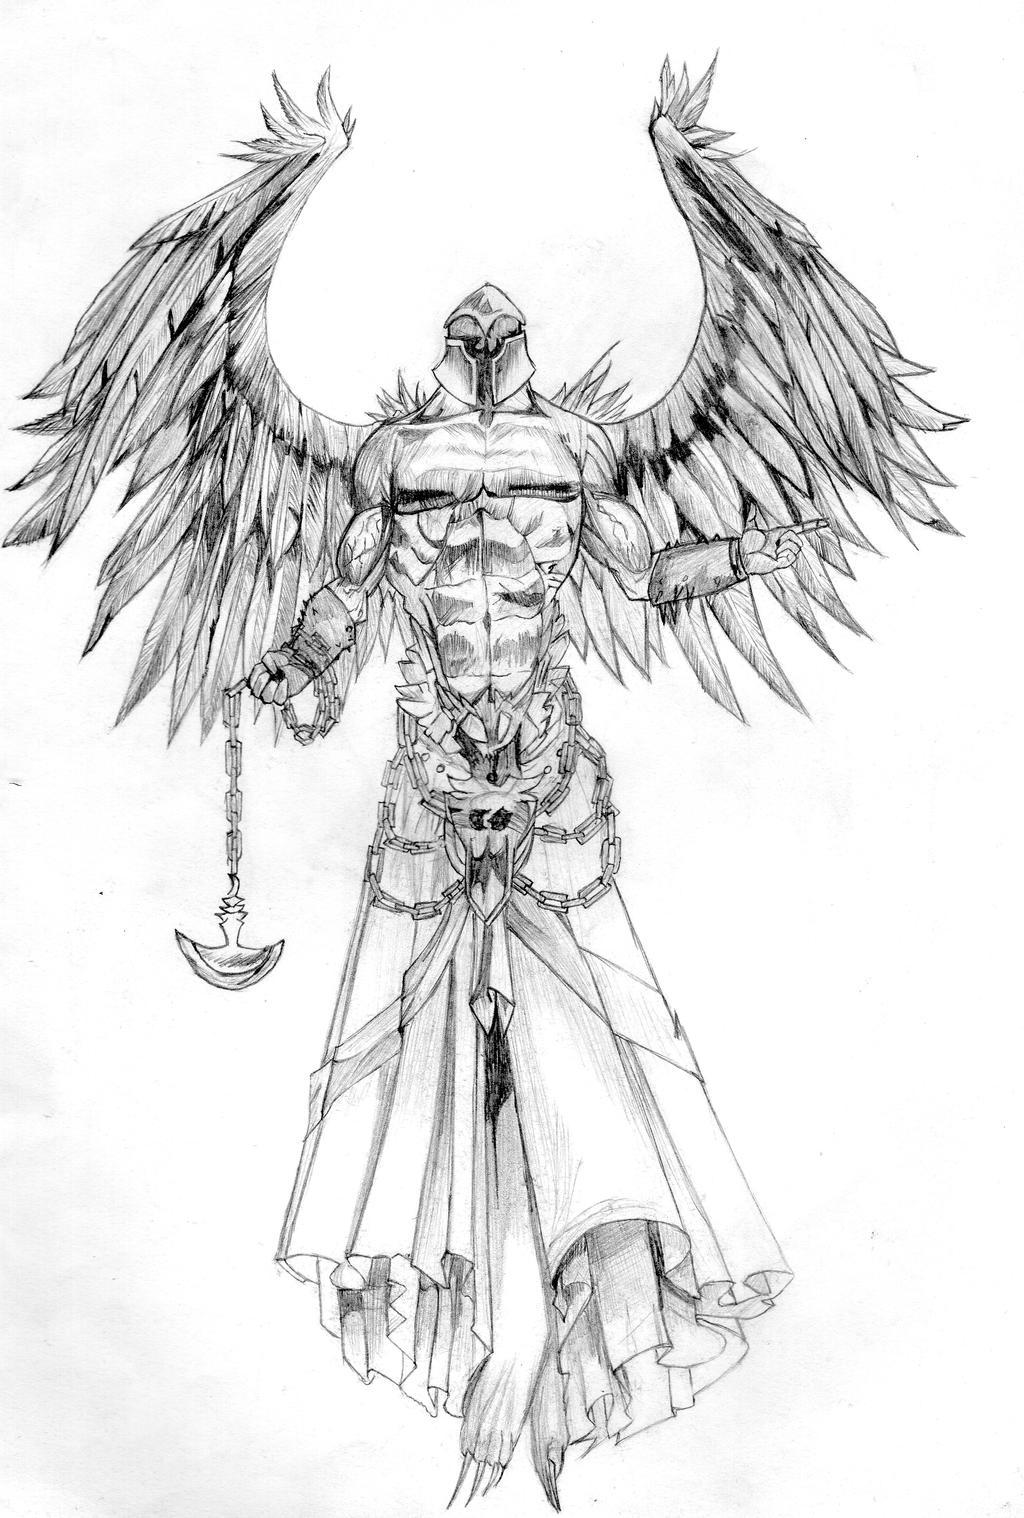 Lost art: Angel Warrior by Blackchessking on DeviantArt